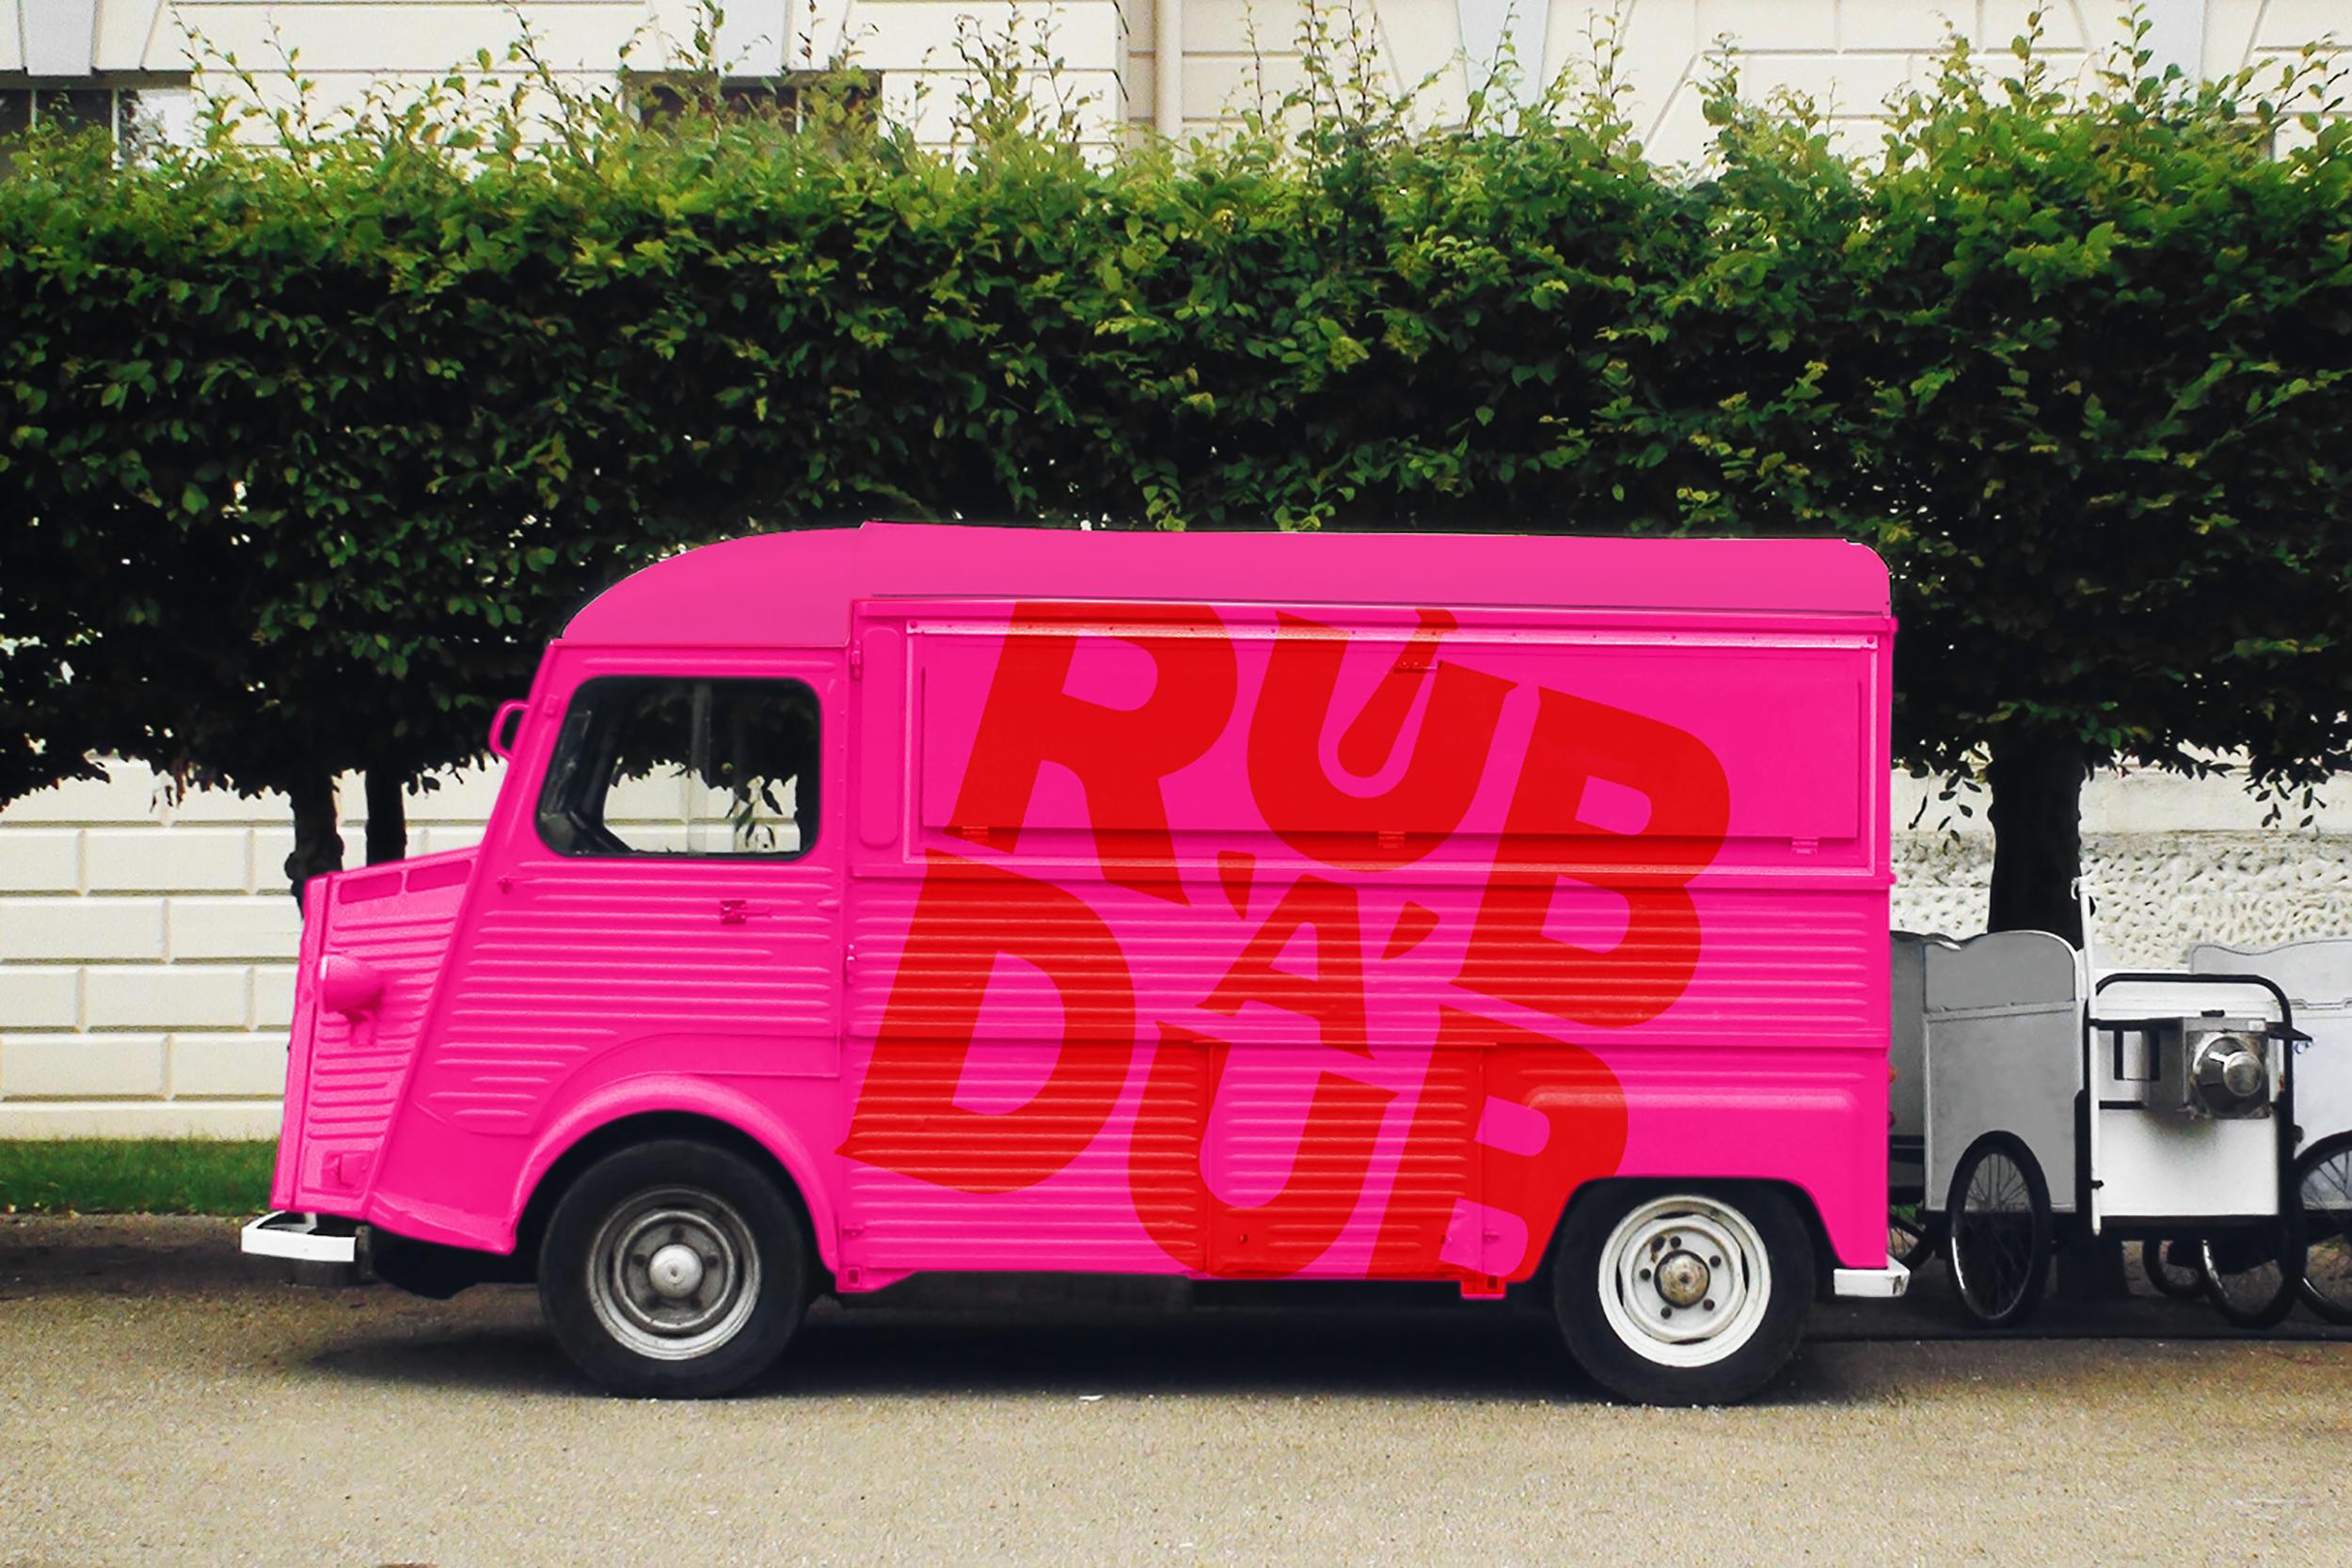 RUB-A-DUB_15.png